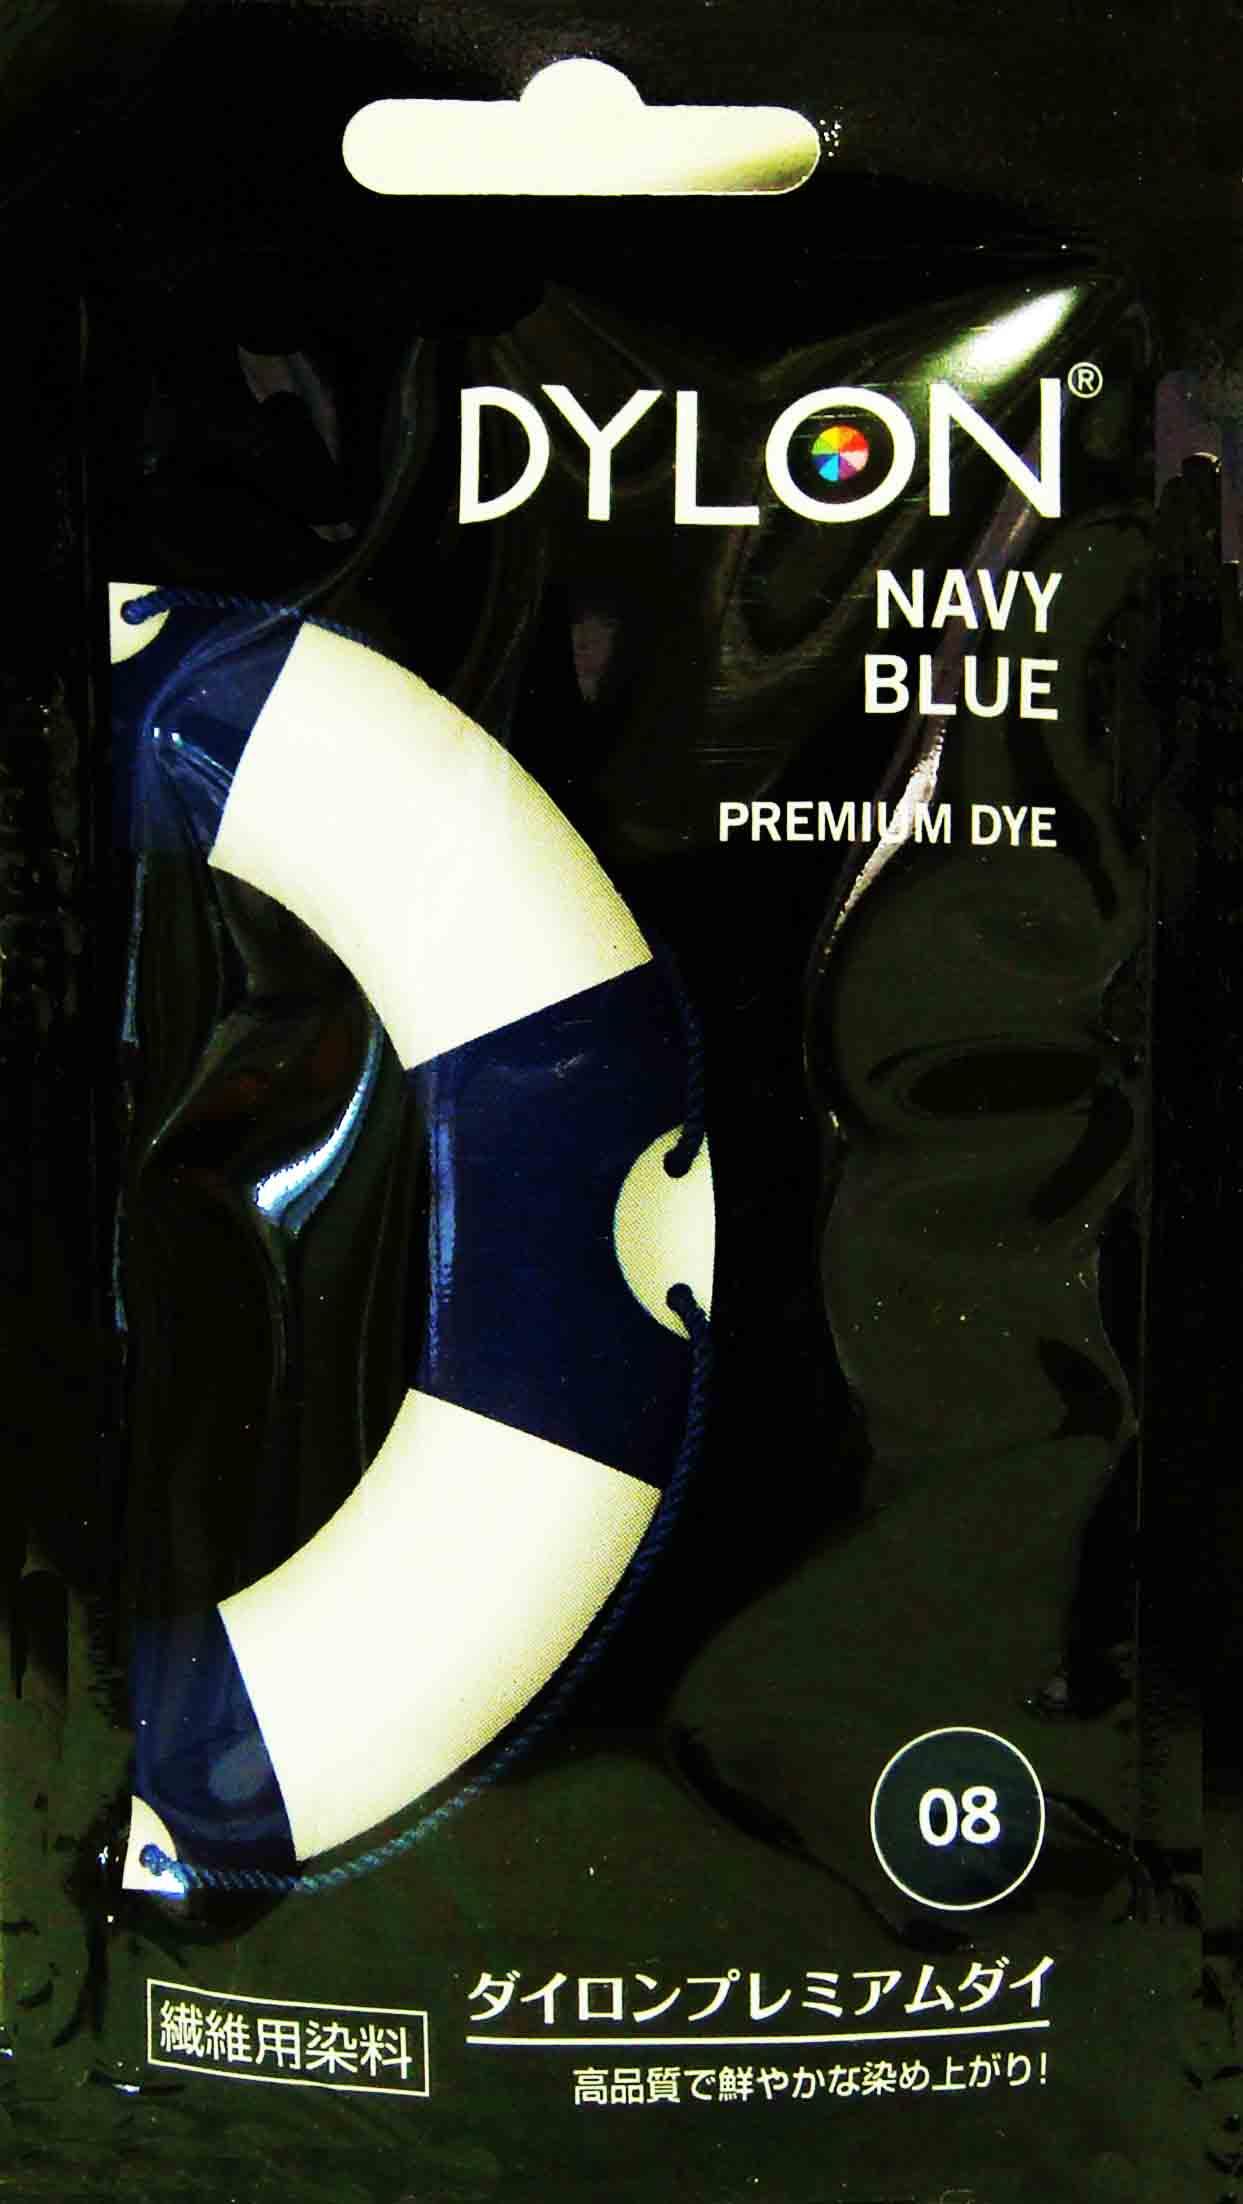 プレミアムダイ Navy Blue